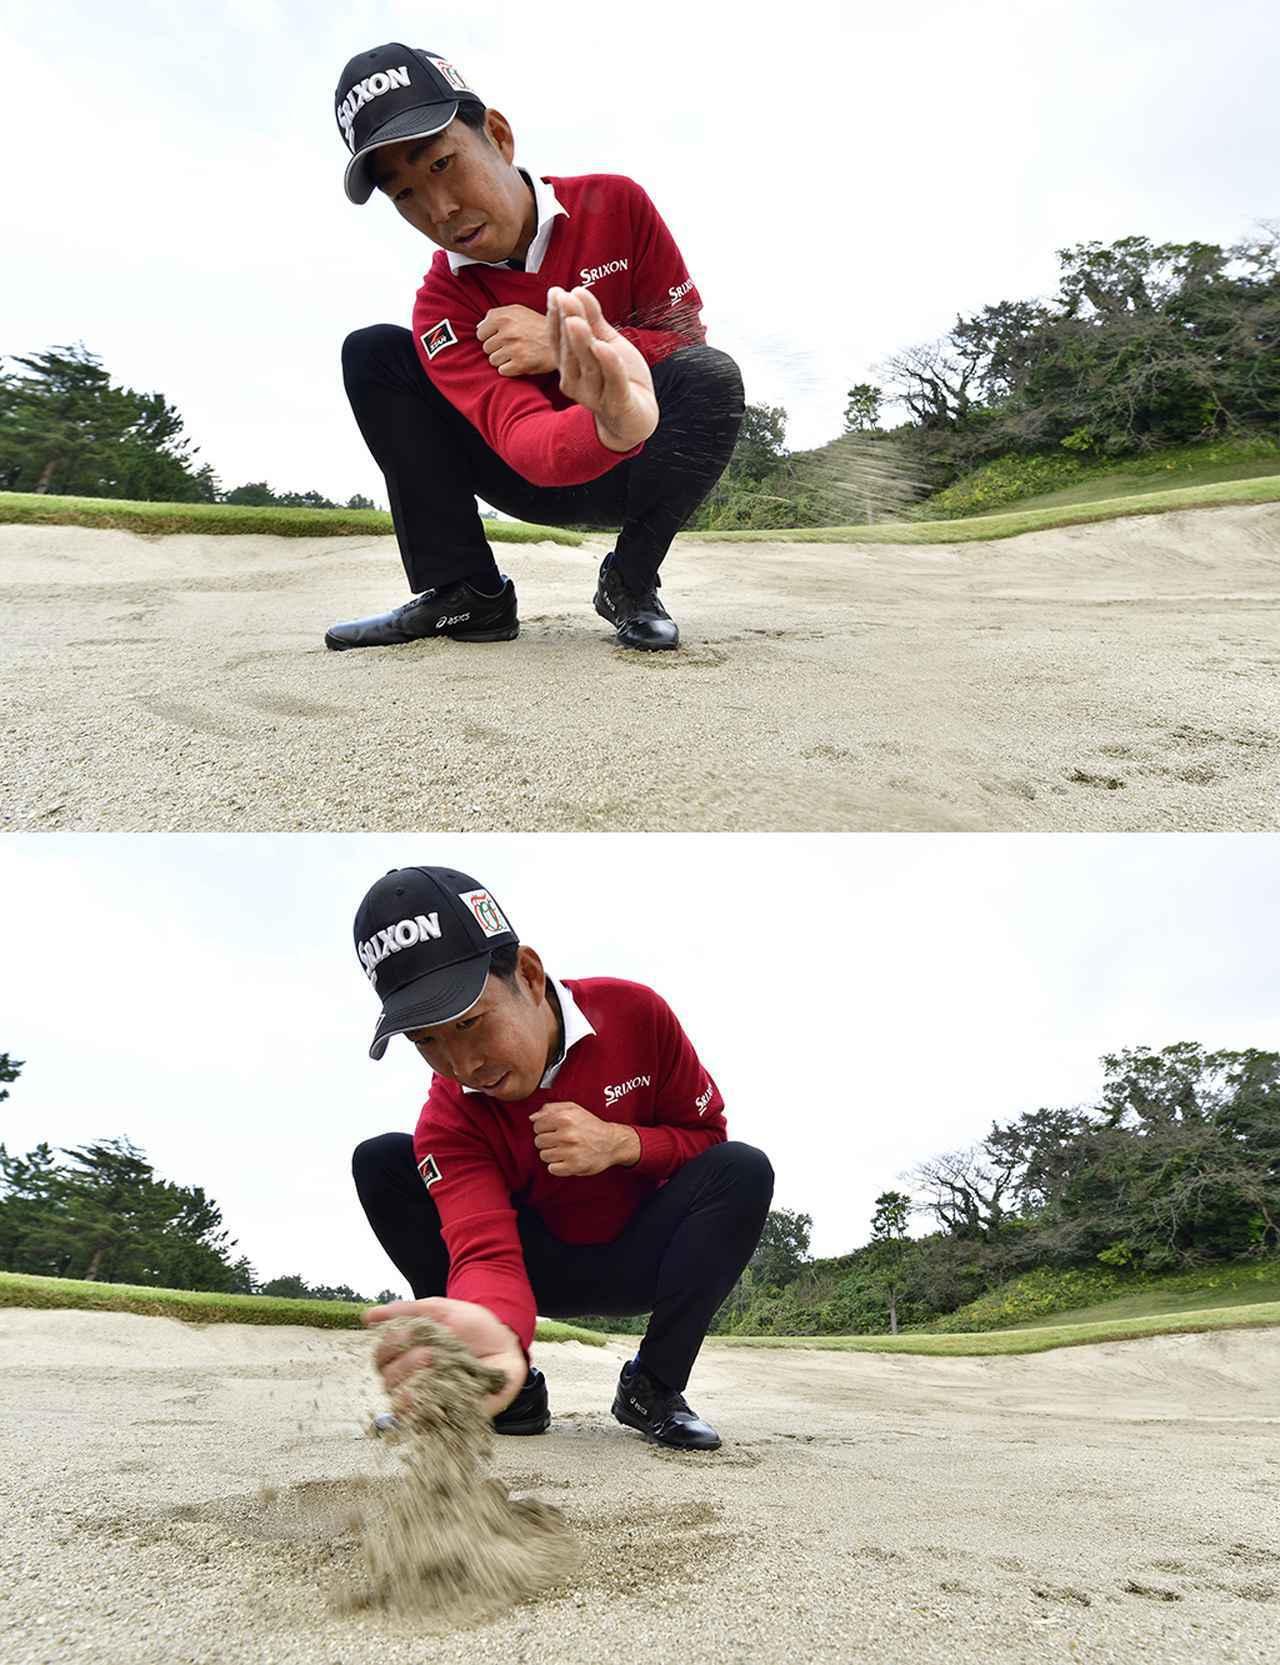 画像: 右手のひらで砂の表面を薄く切り取るようなイメージで振ってサラッと振り抜くのがコツ。上から打ち込むイメージだと砂に深く潜ってしまい振り抜けずにまったくボールが飛ばないことも